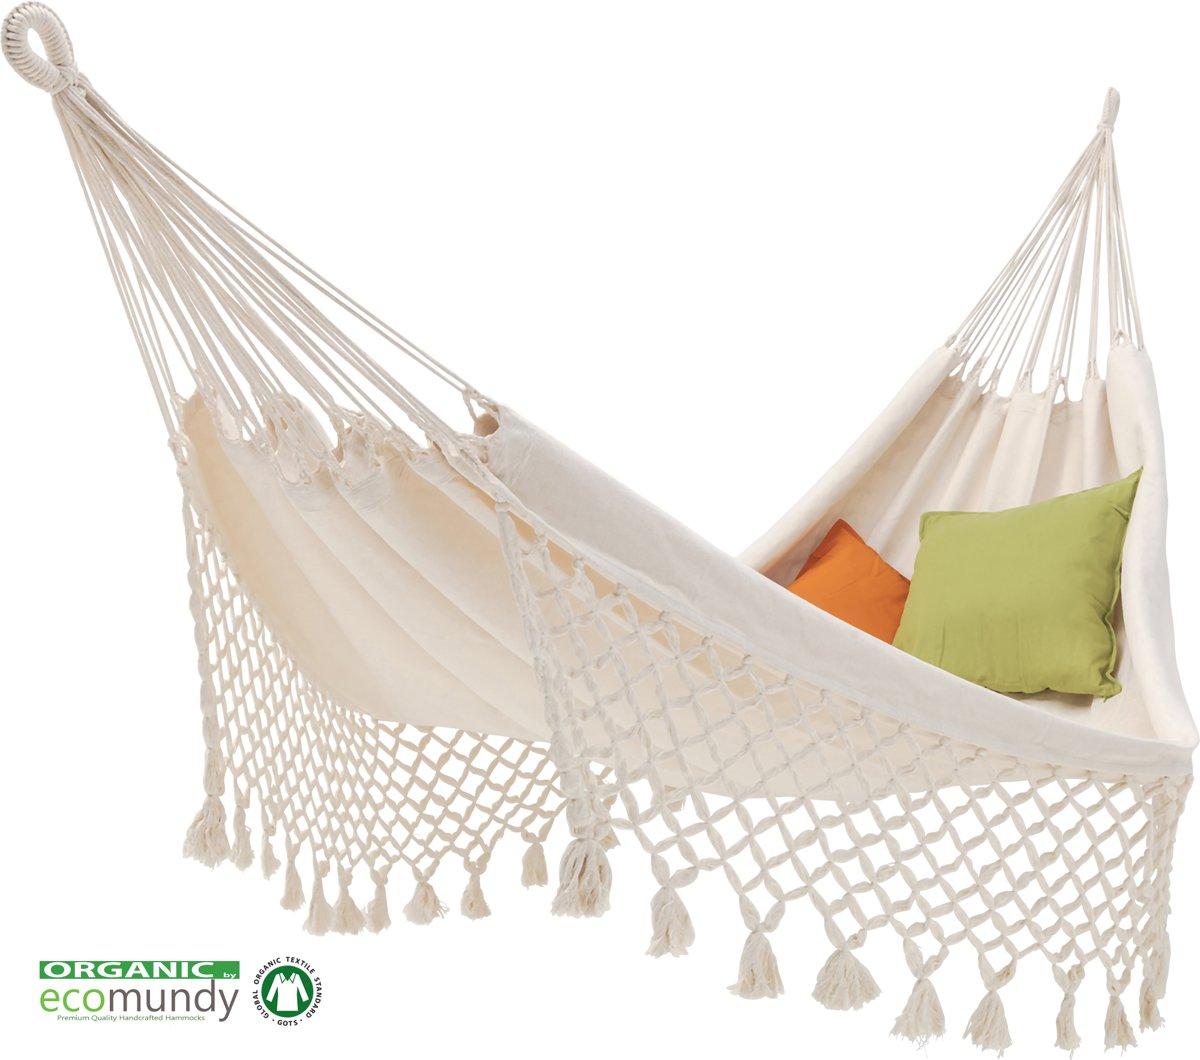 Ecomundy Romance XL 360  Wit  - Luxe hangmat met franje - 2-persoons - handgeweven naturel bio katoen - 160x240x360cm - Max 250kg